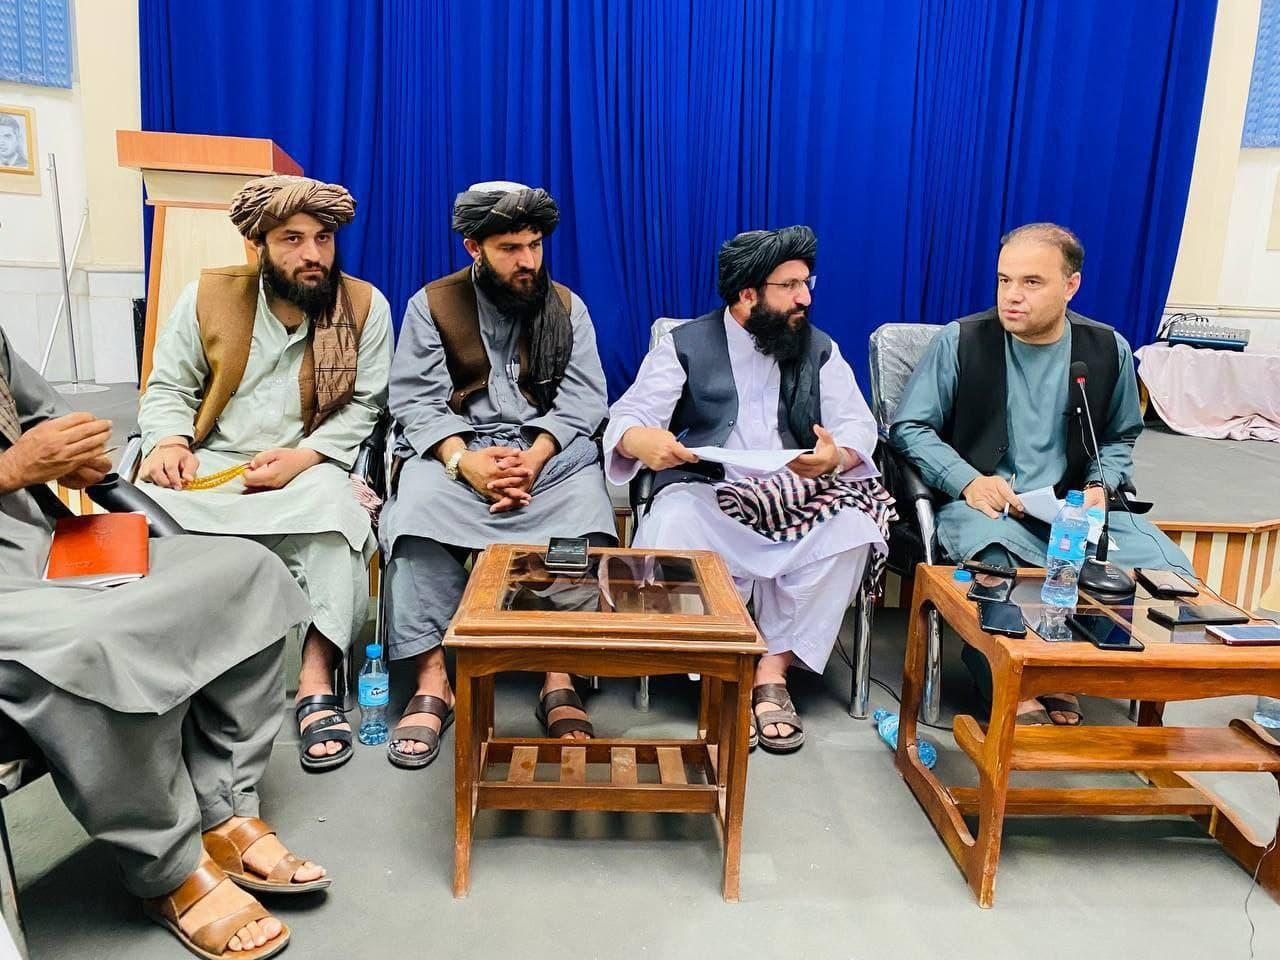 اشرف غنی افغانستان را ترک کرد/ پایگاه بگرام به دست طالبان افتاد/ پرچم آمریکاییها زیر پای طالبان/ رئیس دولت موقت افغانستان چه کسی است؟ + عکس و فیلم